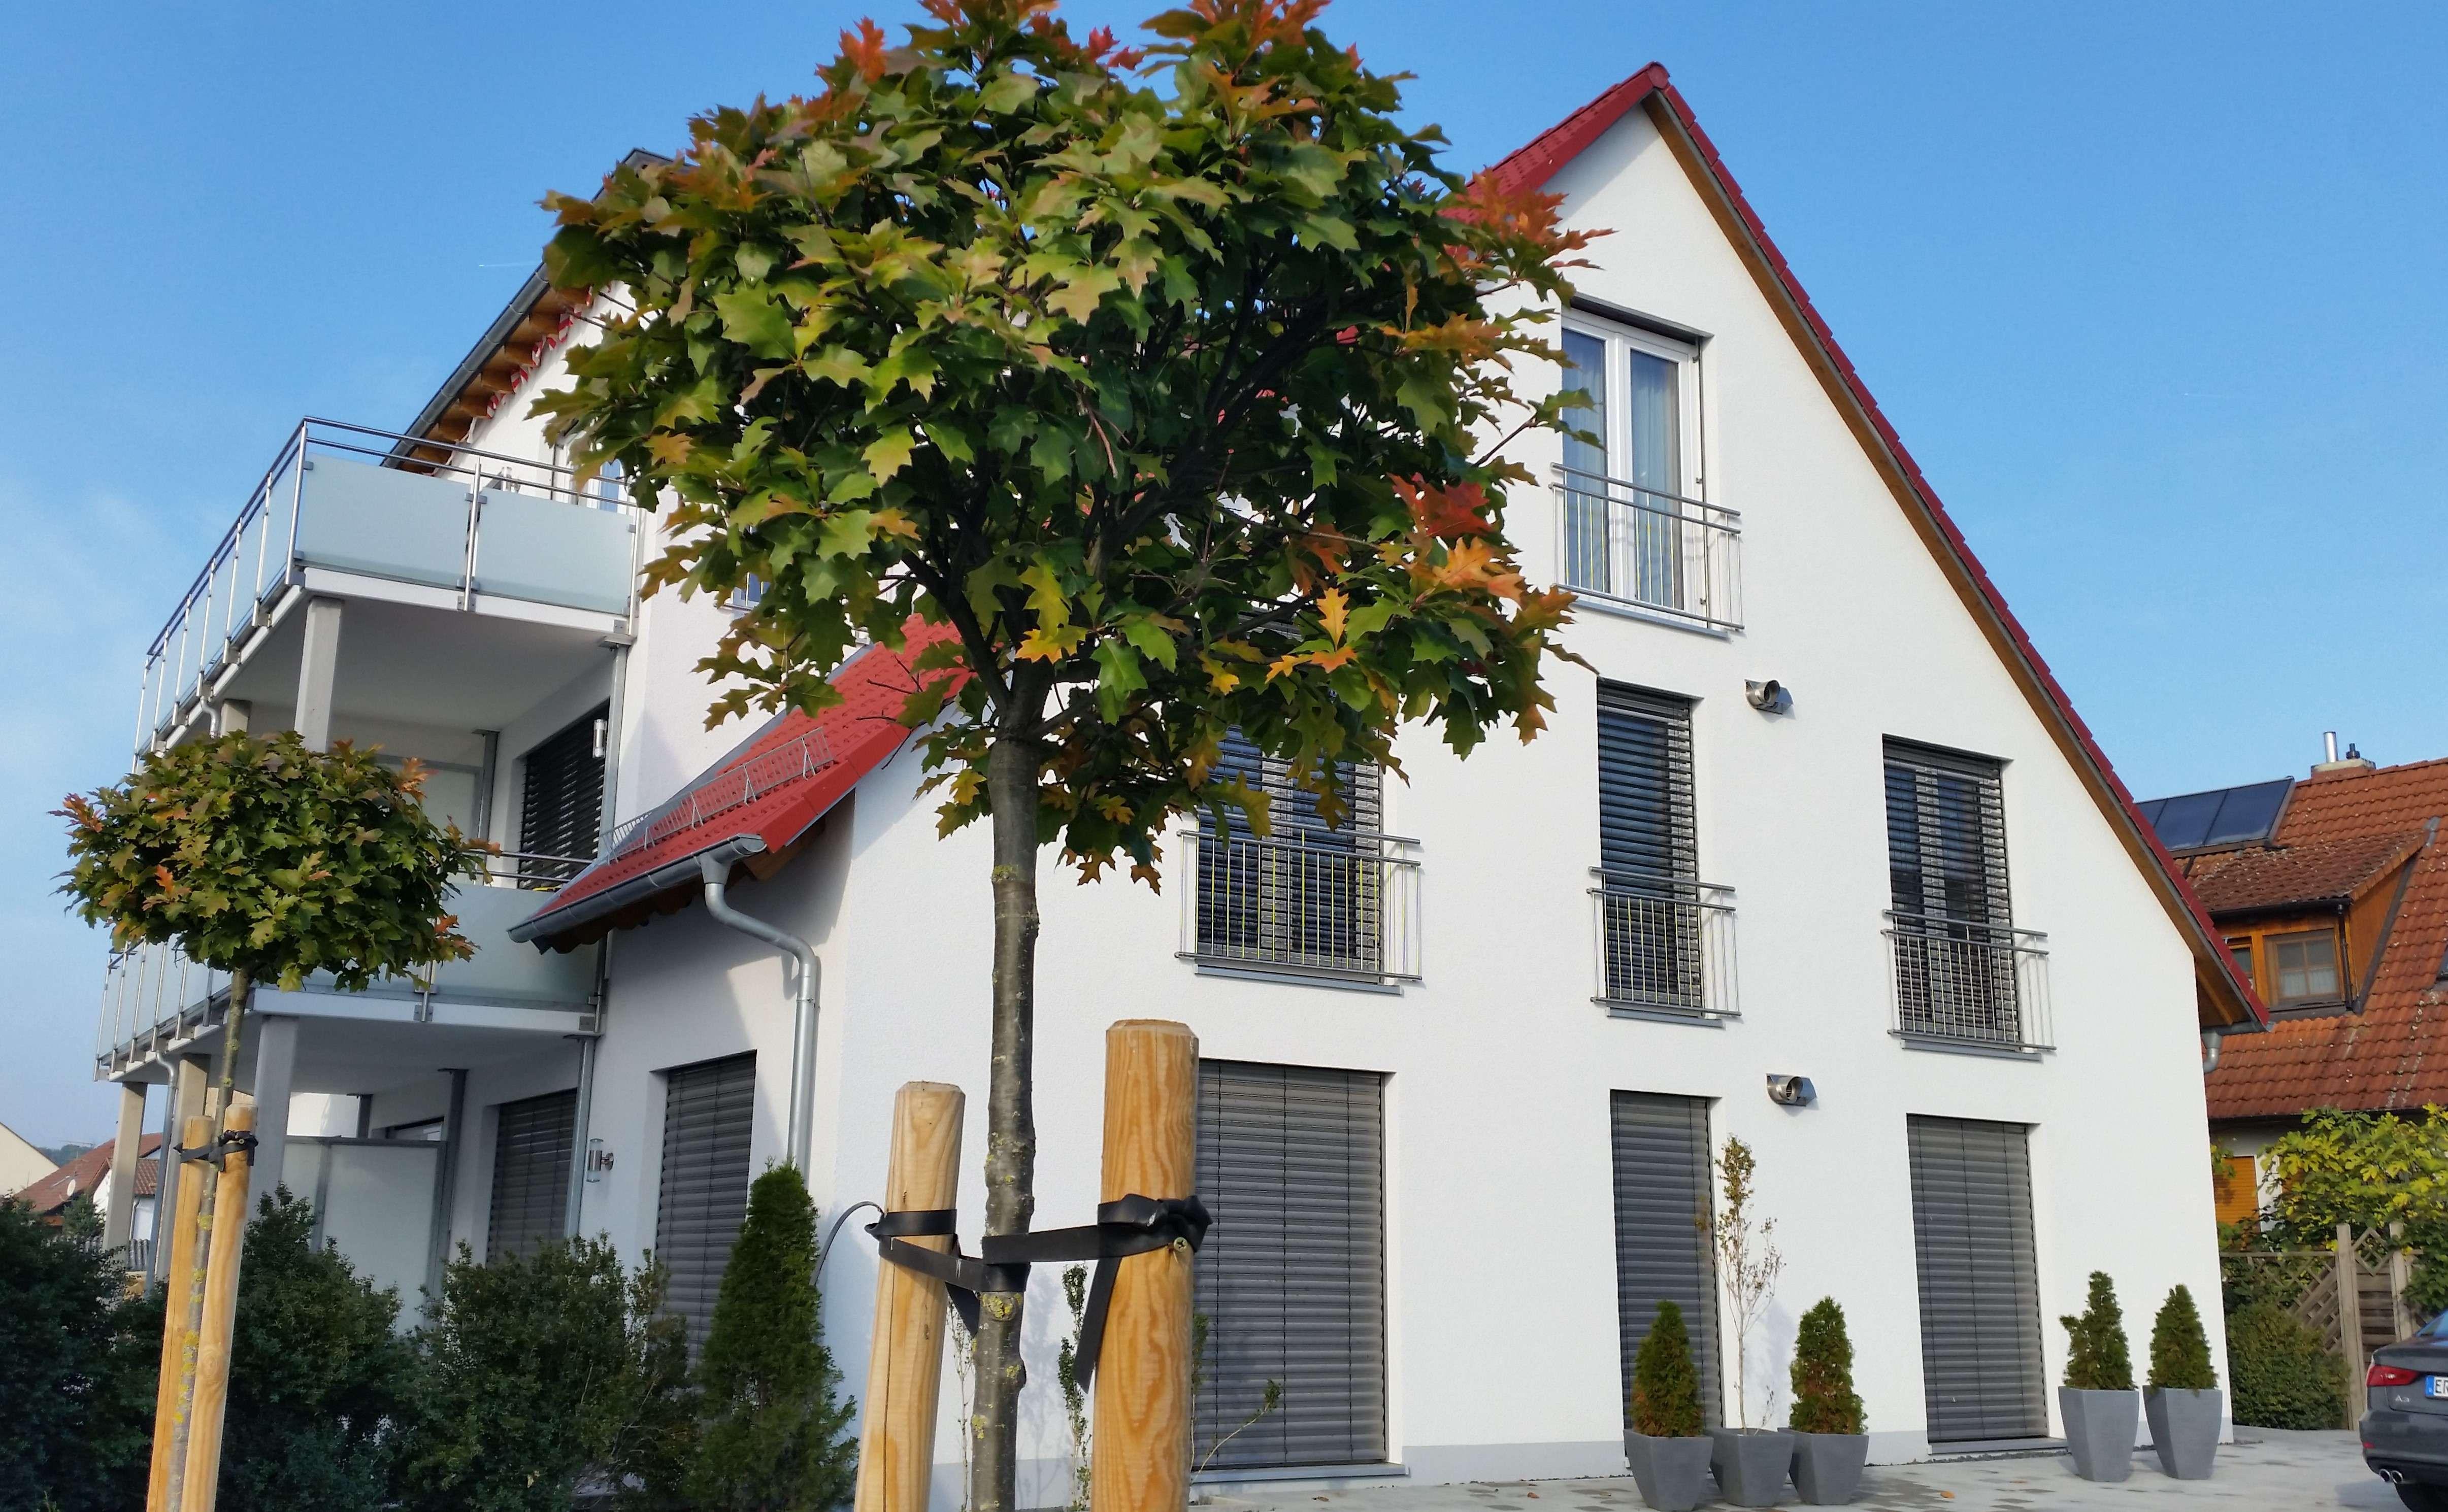 Höchster Wohnkomfort - angenehmes Raumklima durch autom. Lüftungsanlage und geringe Nebenkosten in Herzogenaurach